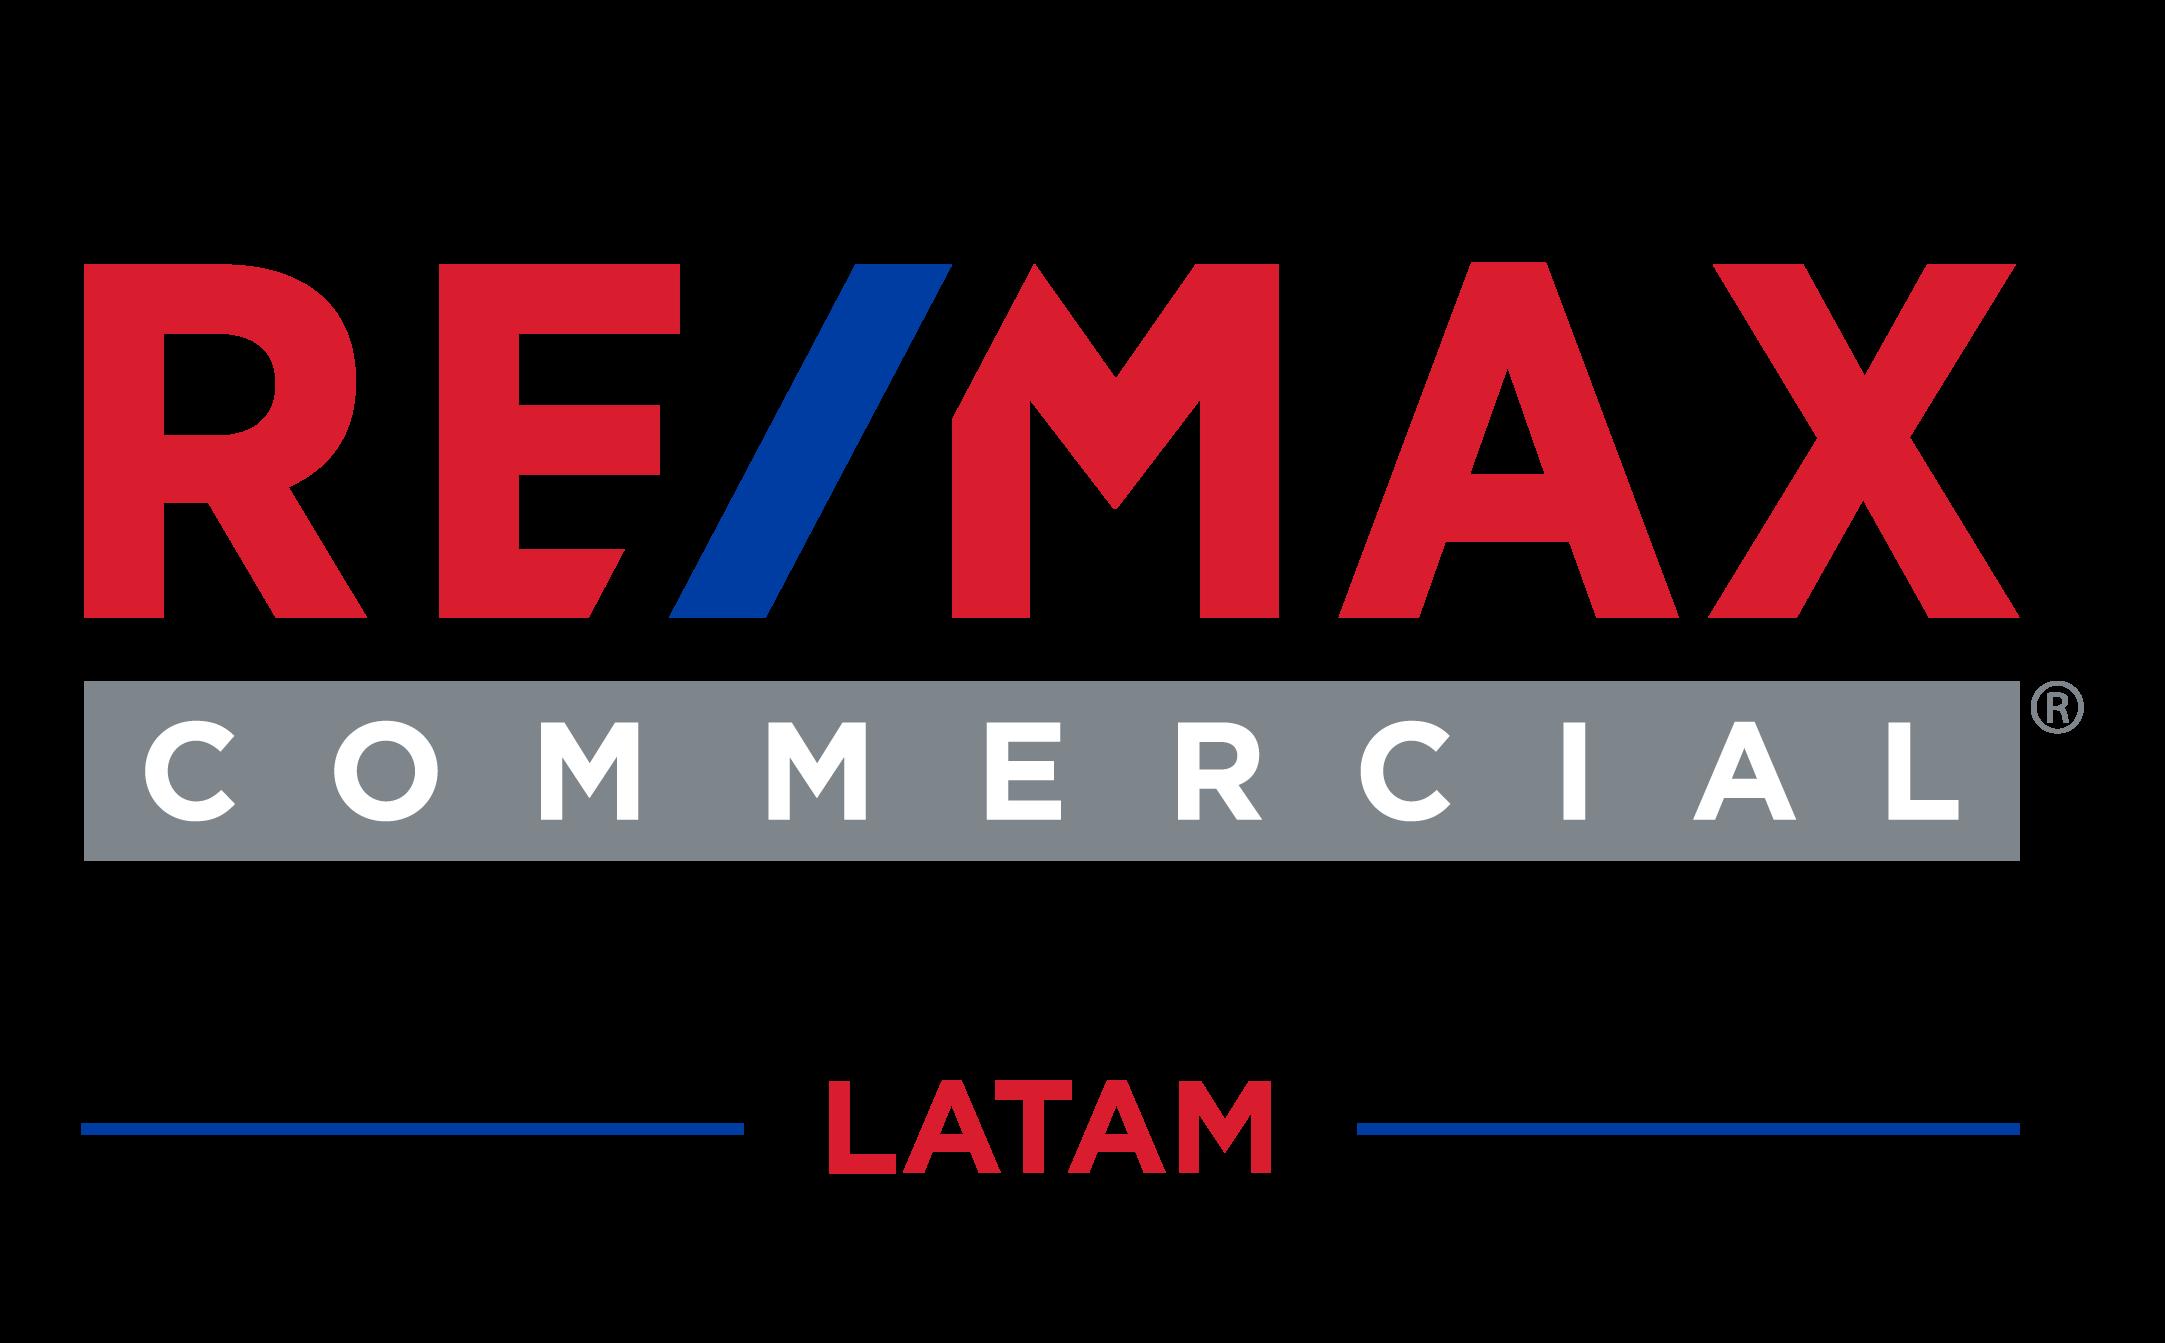 Eventos REMAX México